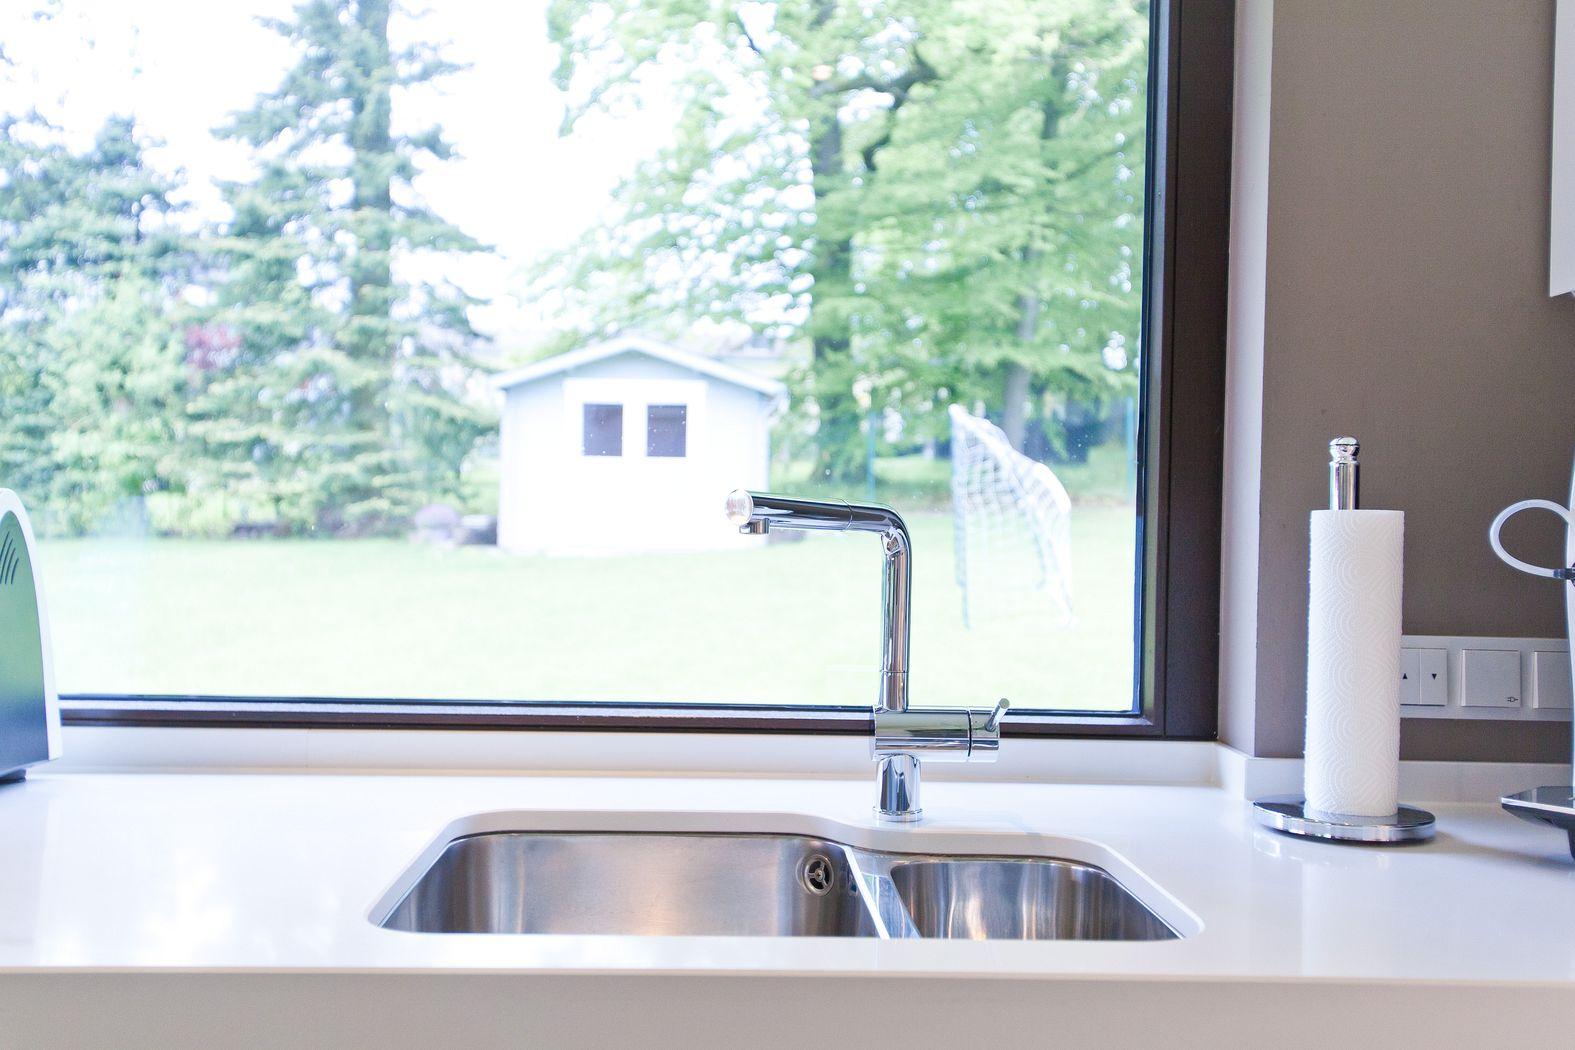 Moderne hochglanz küche in weiß mit miele geräten   küchenhaus ...